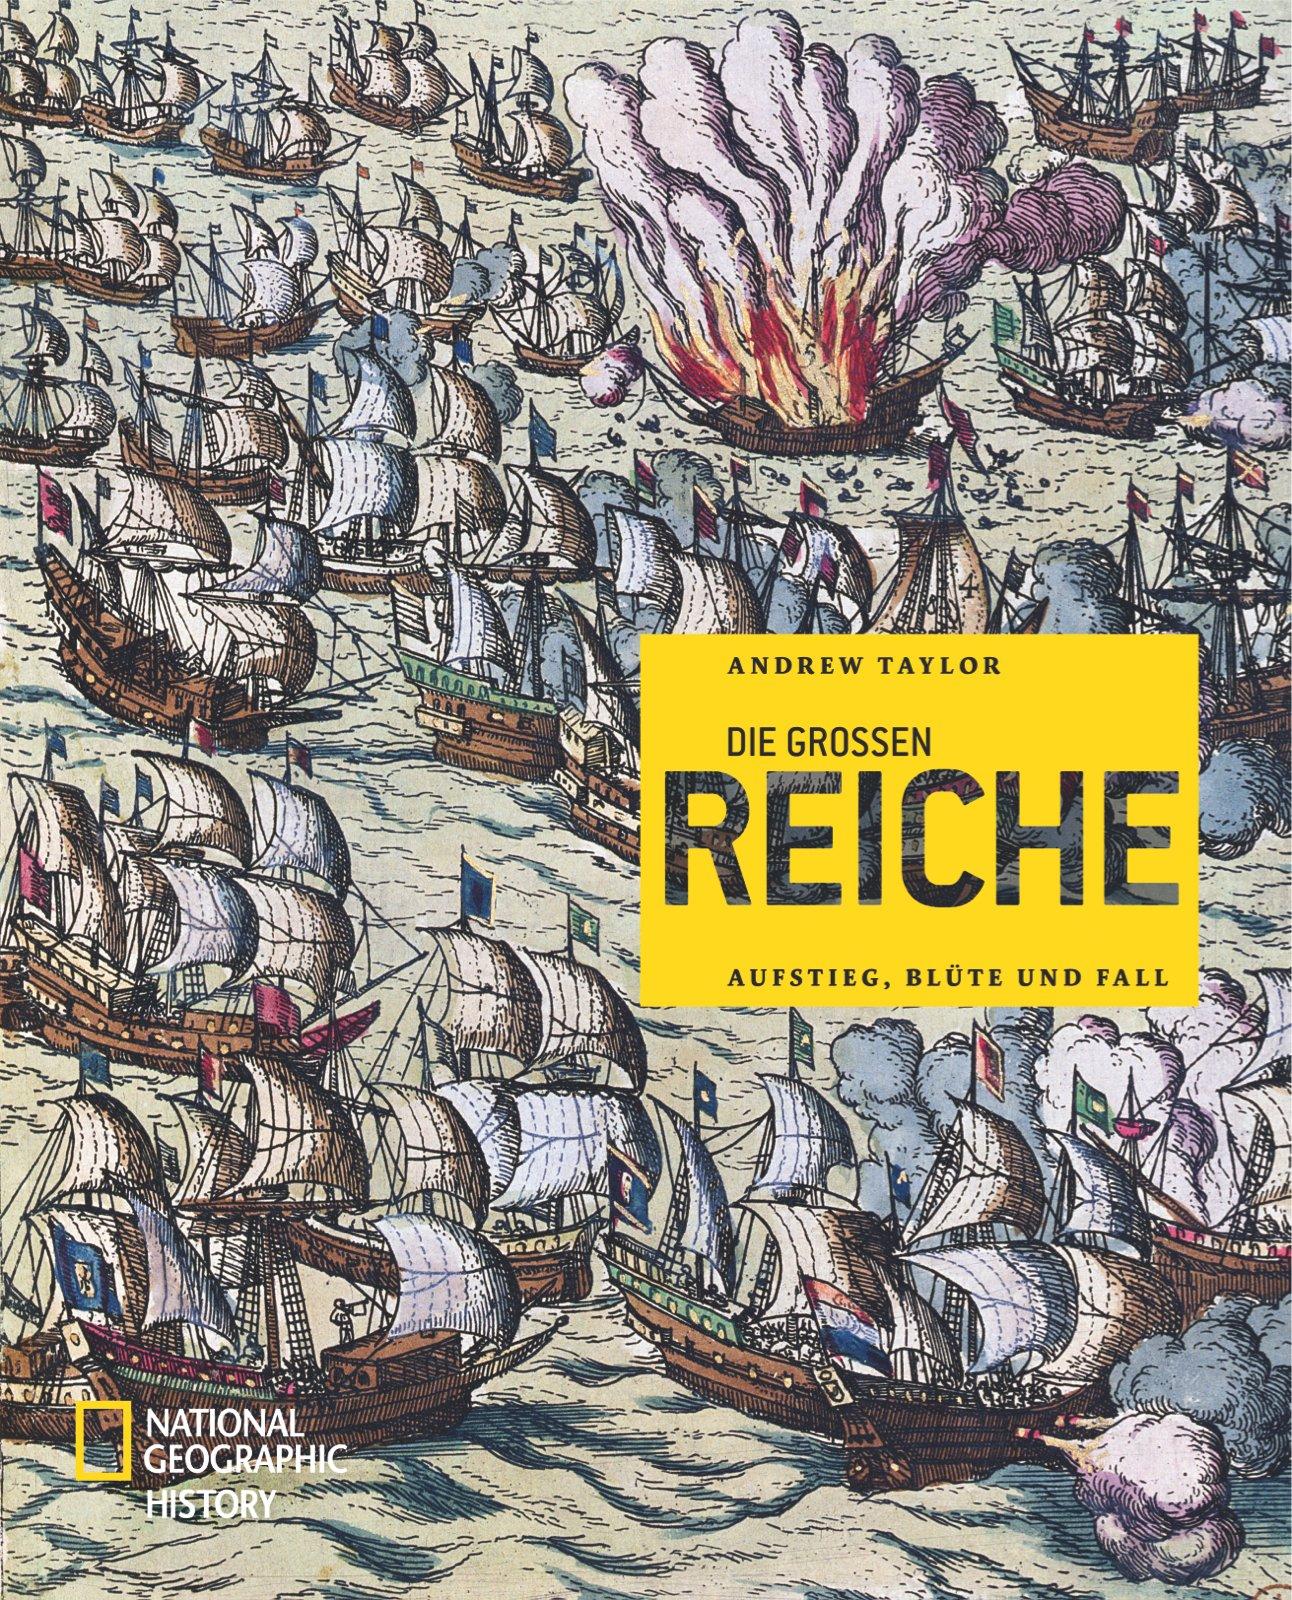 Die großen Reiche: Aufstieg, Blüte und Fall (NATIONAL GEOGRAPHIC History, Band 165)